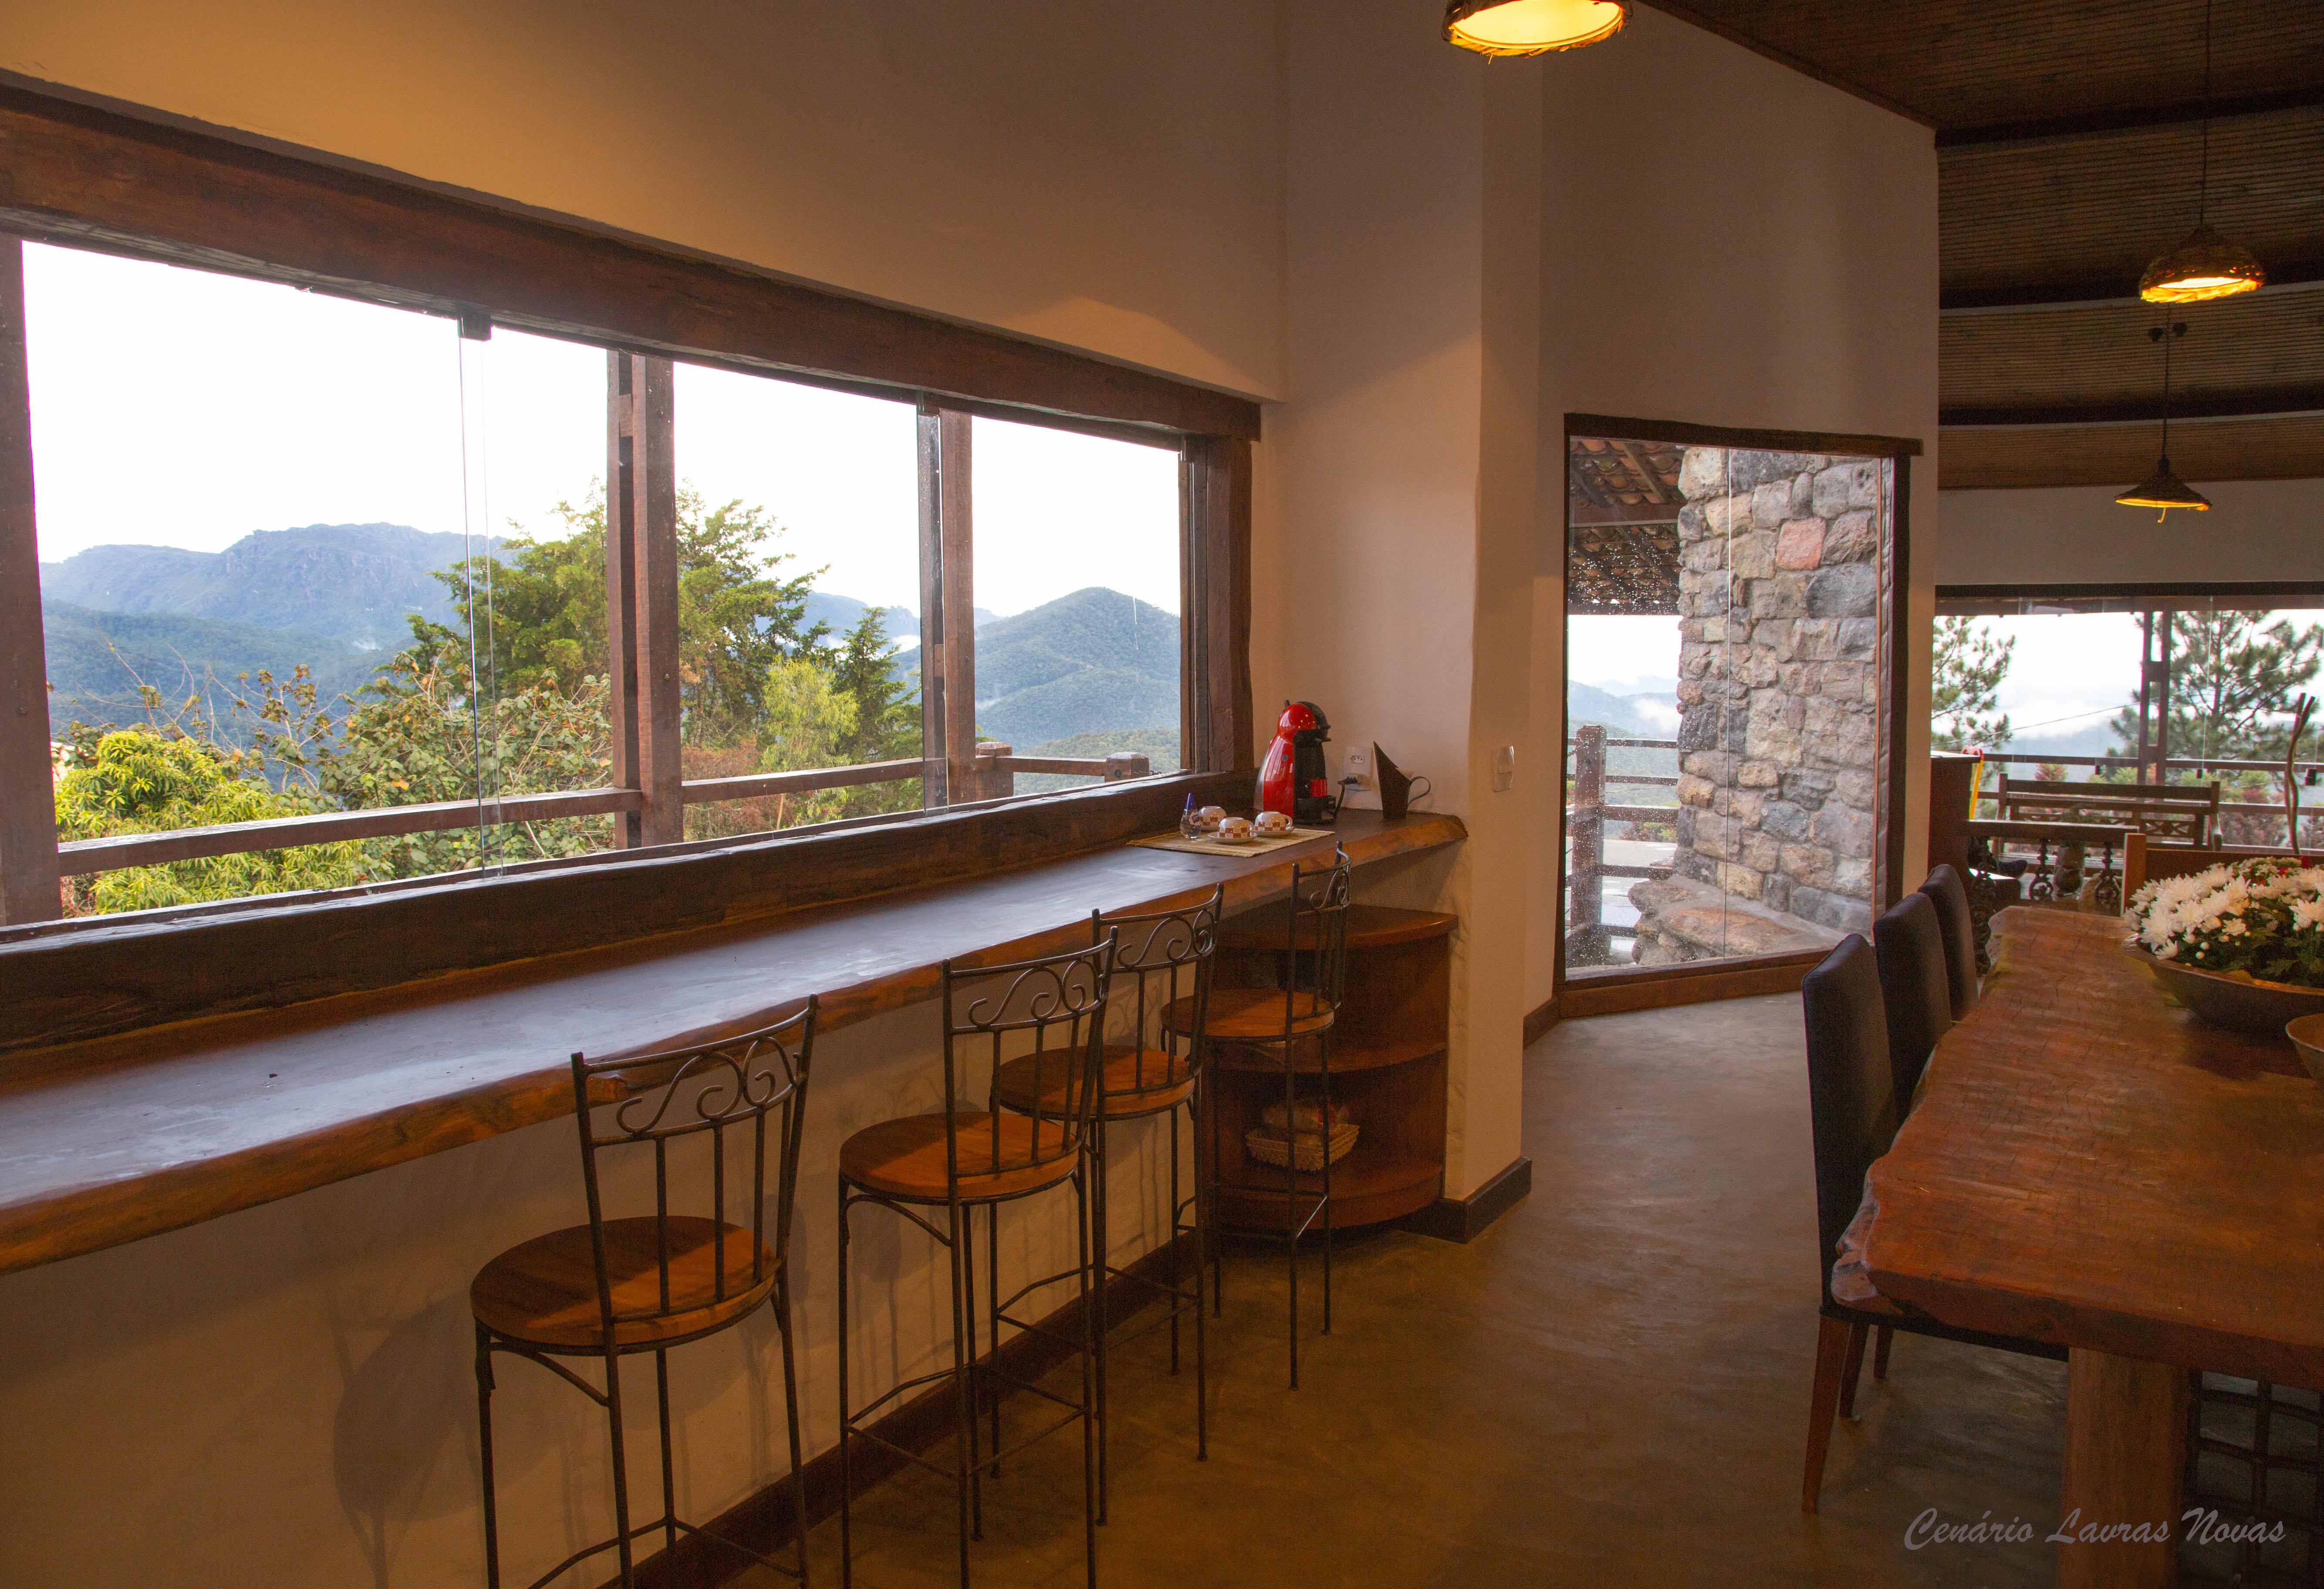 Sala Almoço balcão